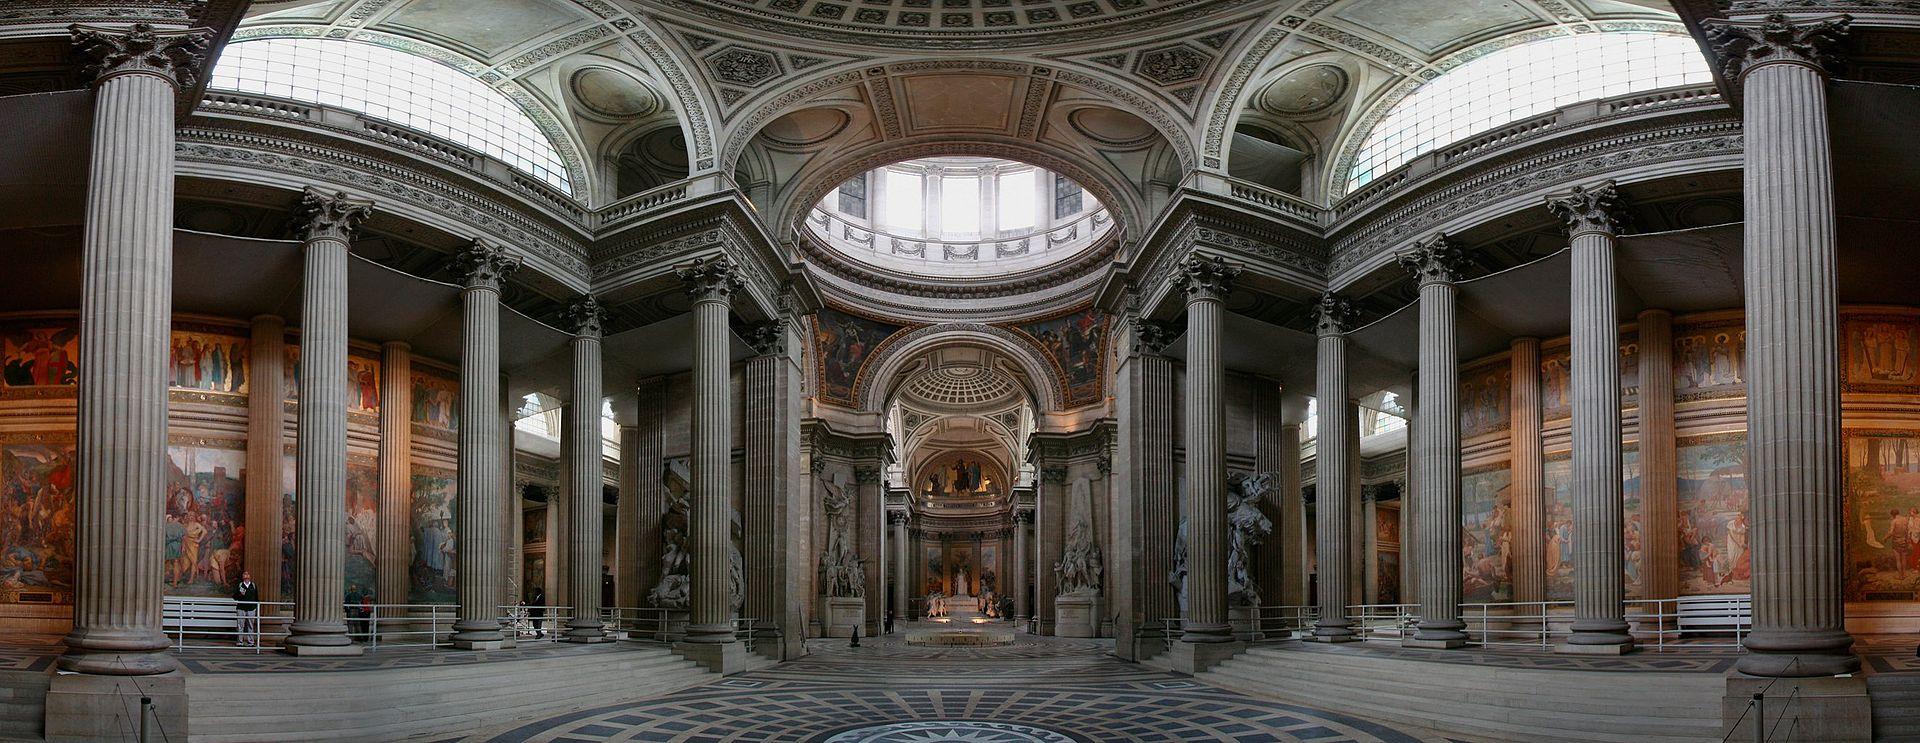 Panteón de París (interior)